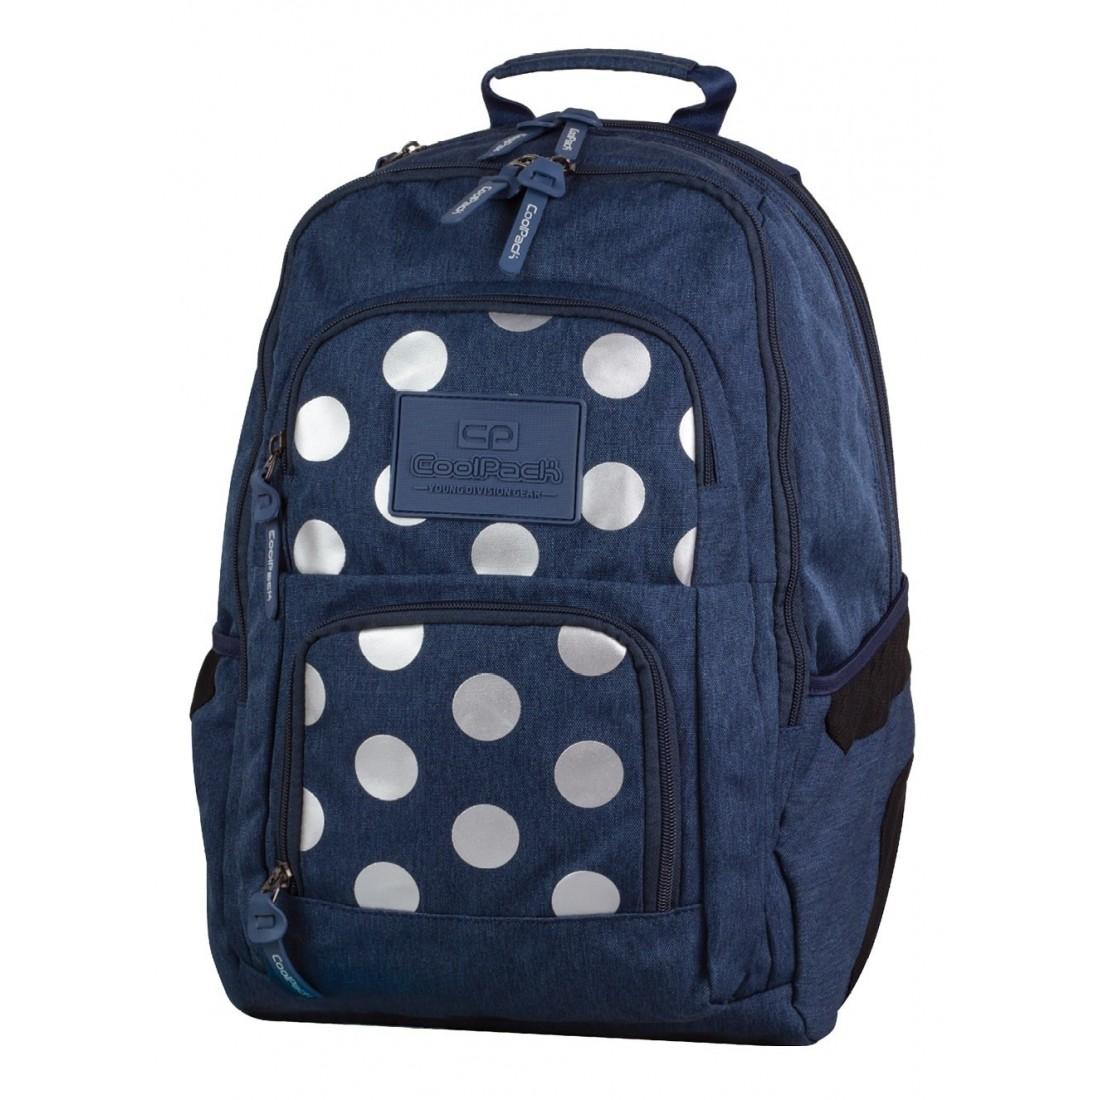 bba5ad468b5c4 Plecak młodzieżowy CoolPack CP UNIT 704 SILVER DOTS BLUE granatowy w kropki